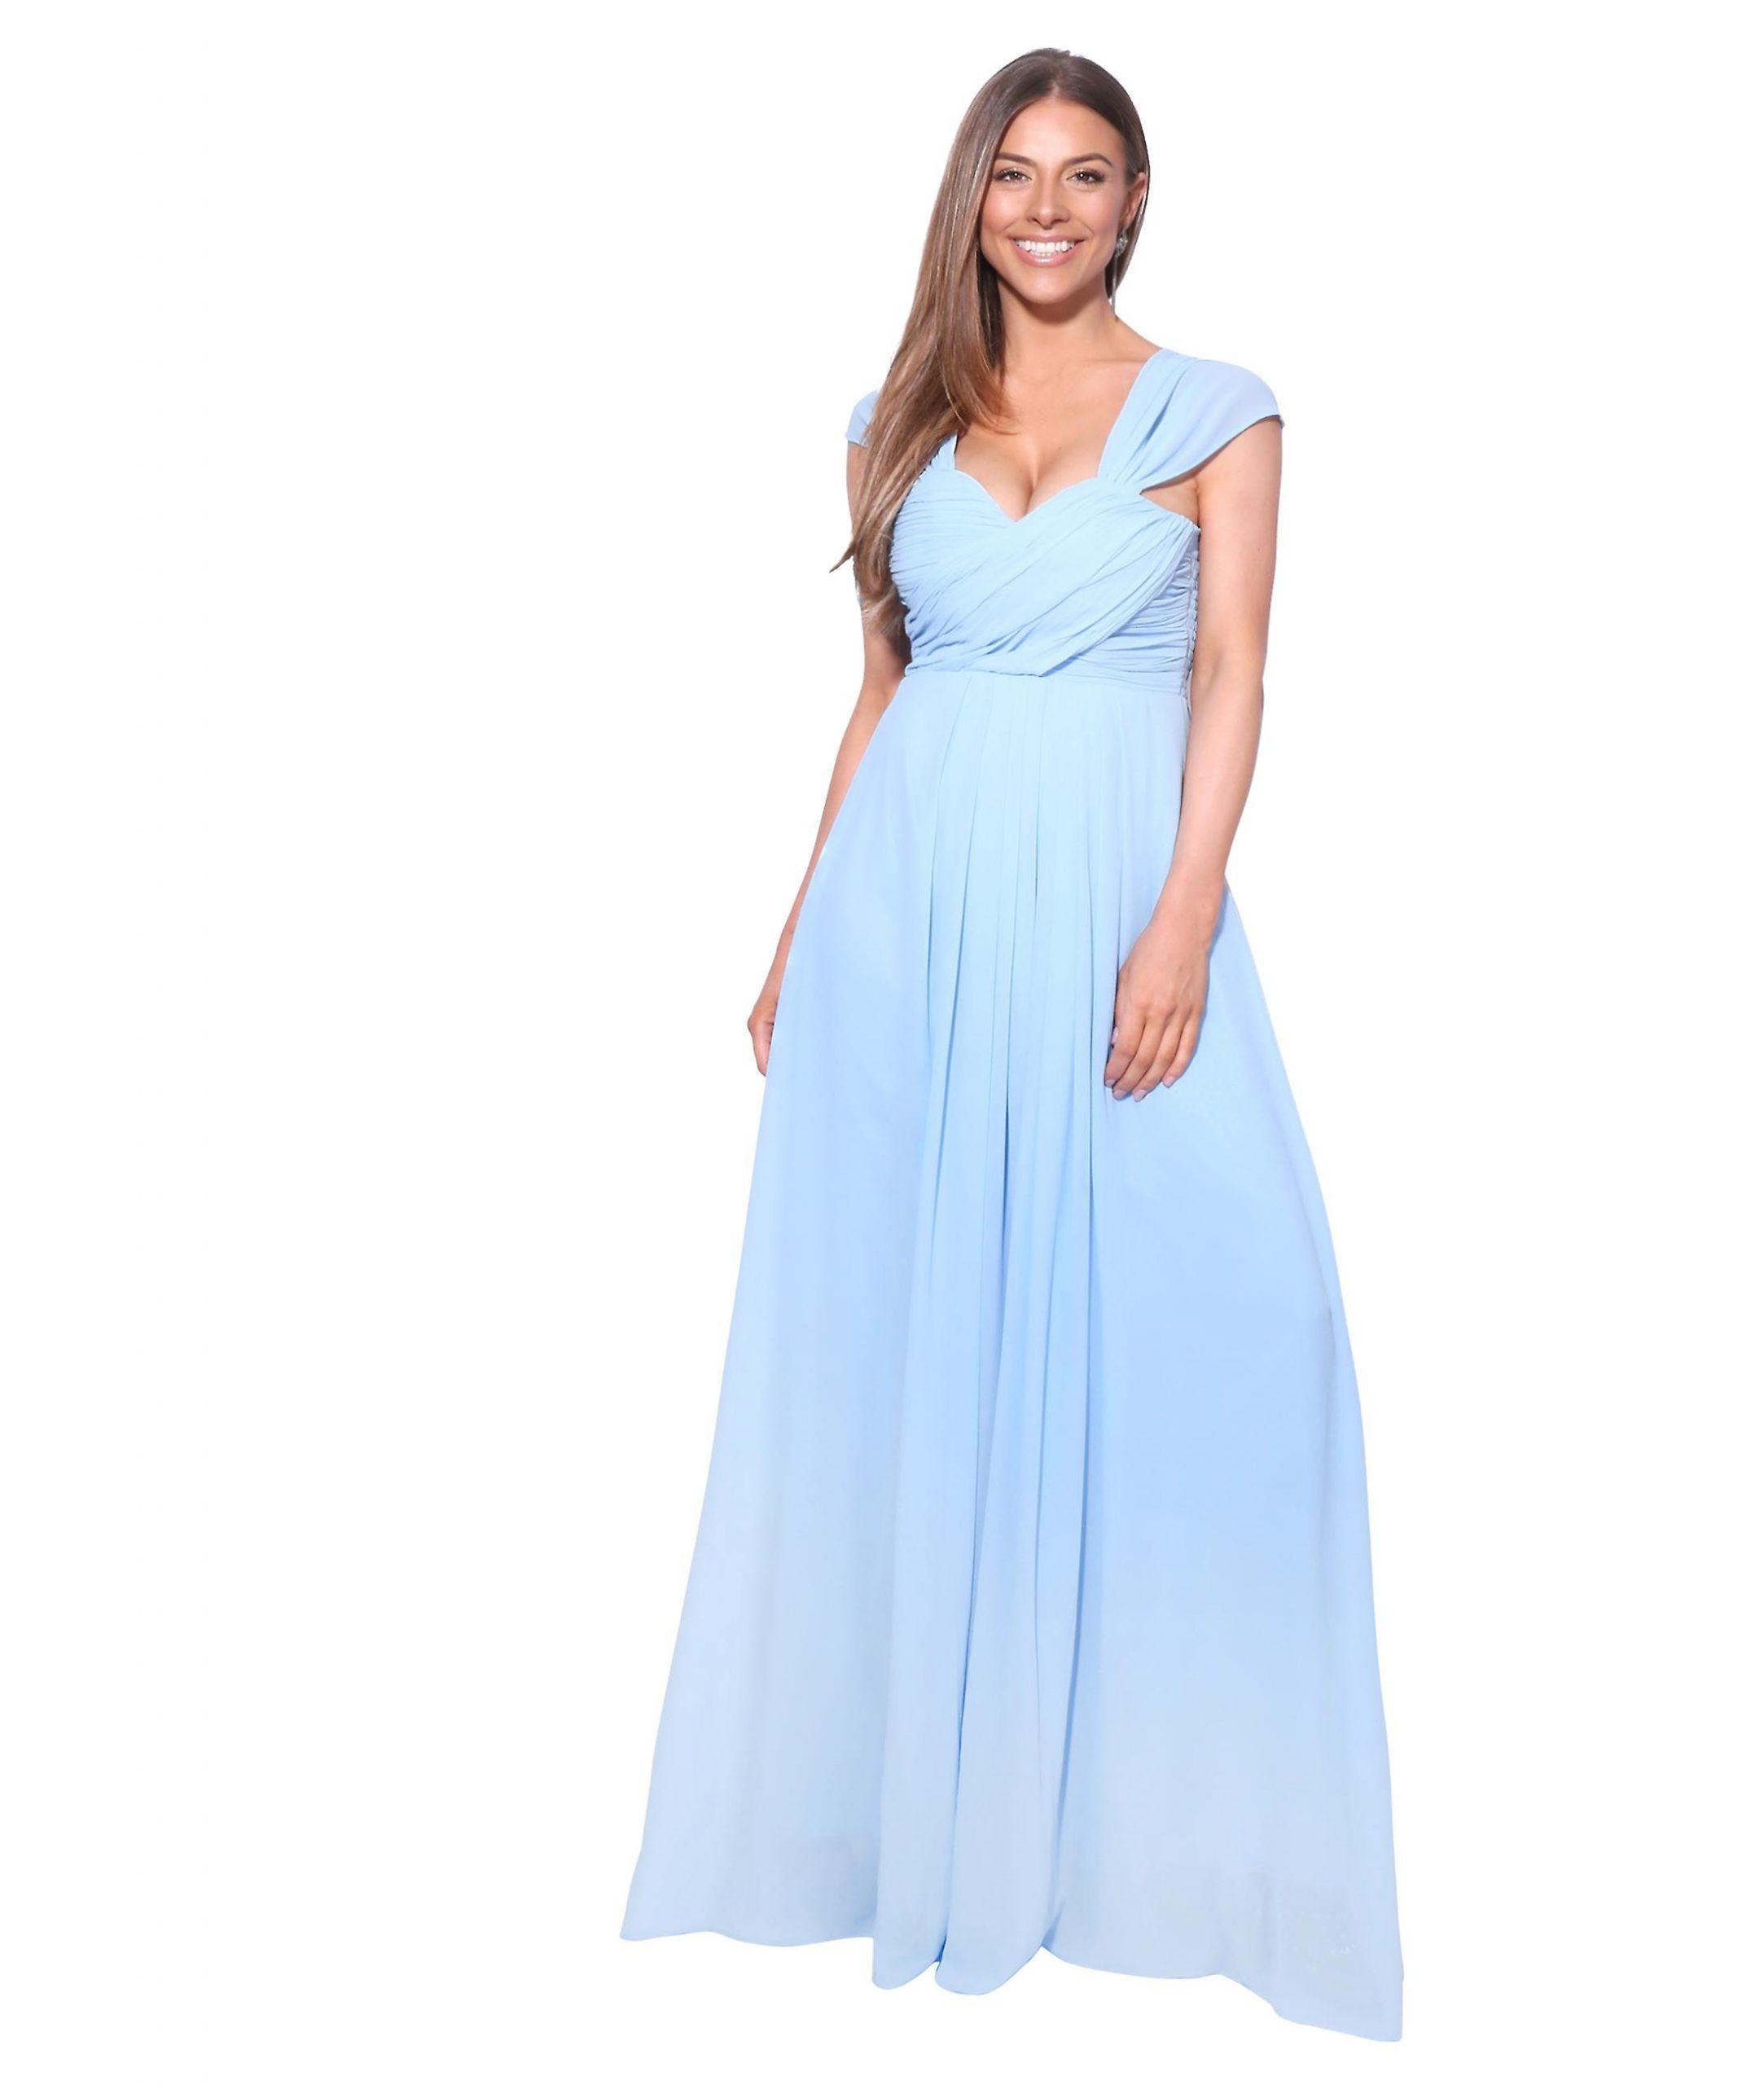 Damen Spitze Lang Maxi Sommerkleid Party Ball Hochzeit Brautjungfer Abendkleider